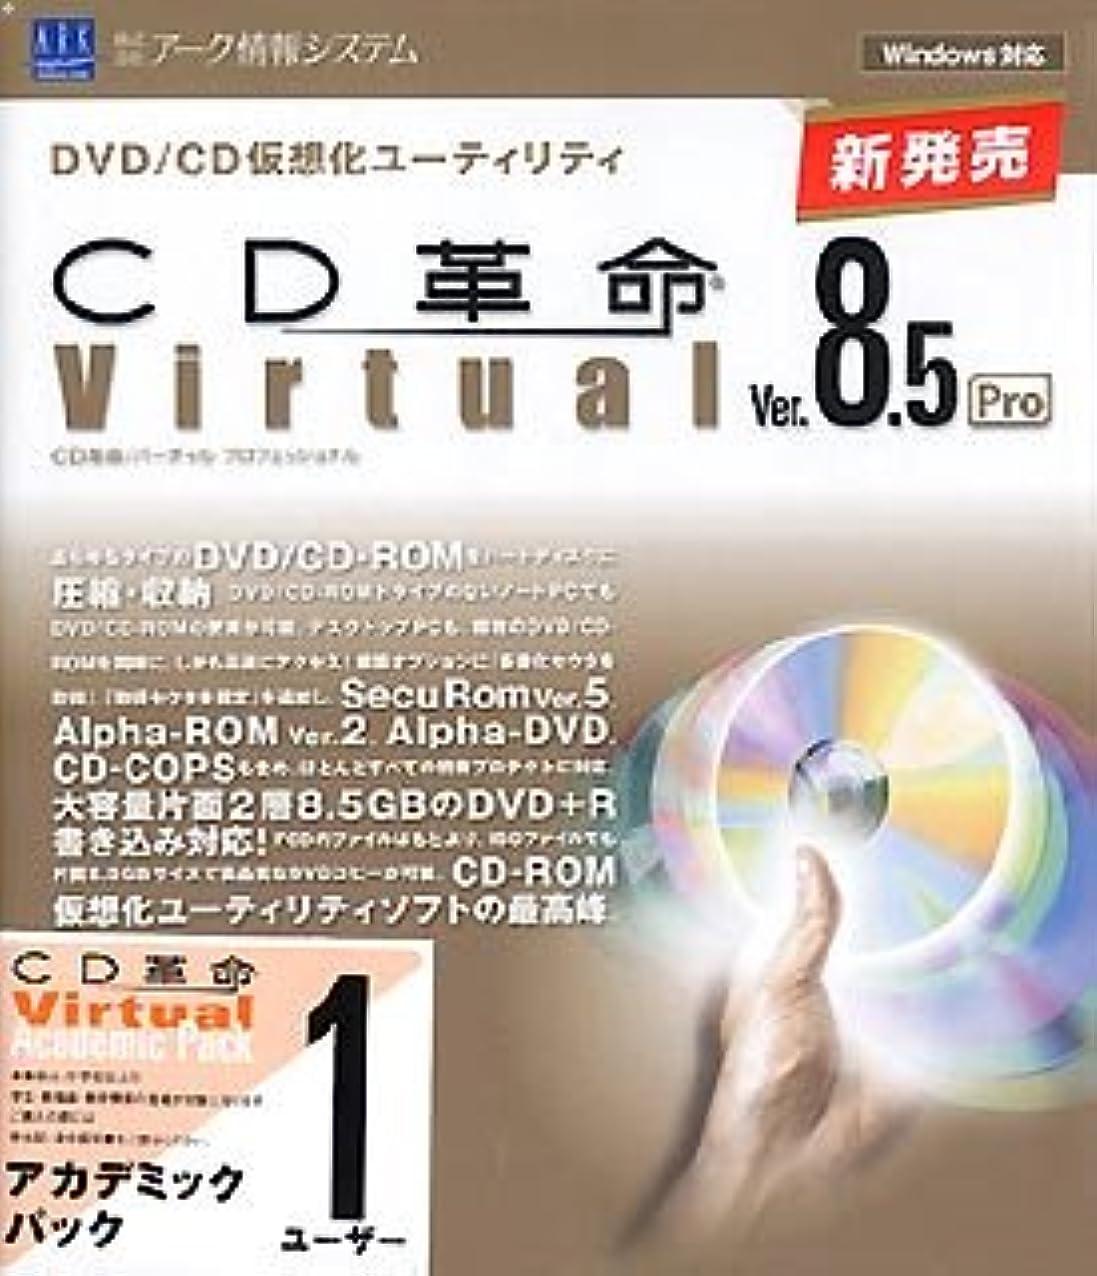 引き受ける葉を拾う紀元前CD革命 Virtual Ver.8.5 Pro アカデミックパック 1ユーザー